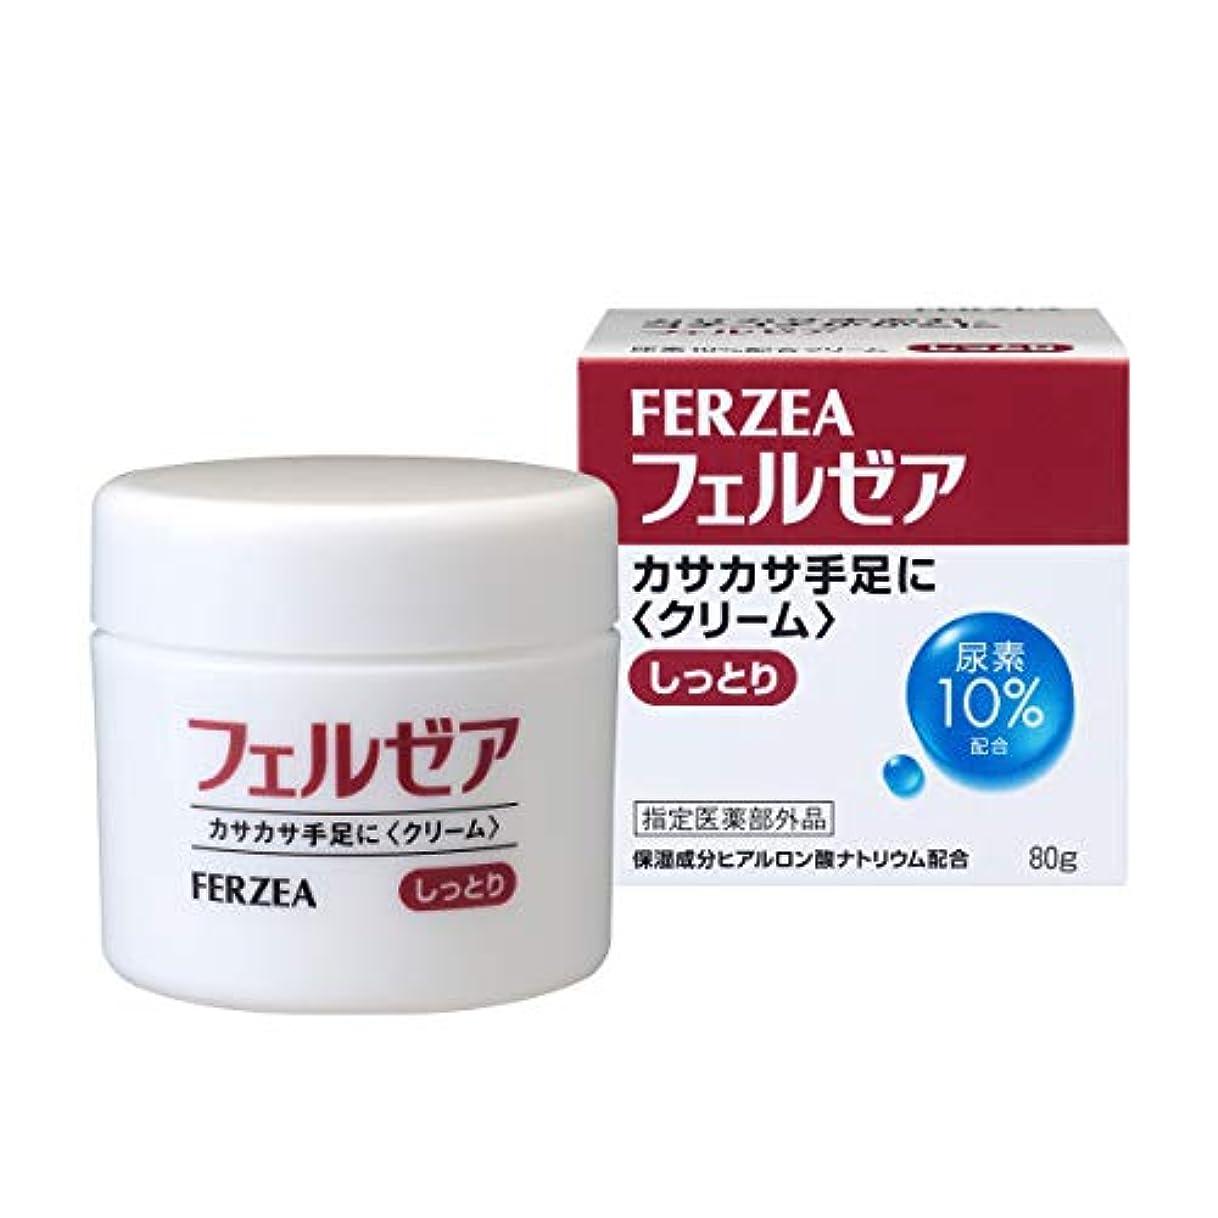 メインハントに対して[指定医薬部外品]フェルゼア クリームM 尿素10%配合 80g